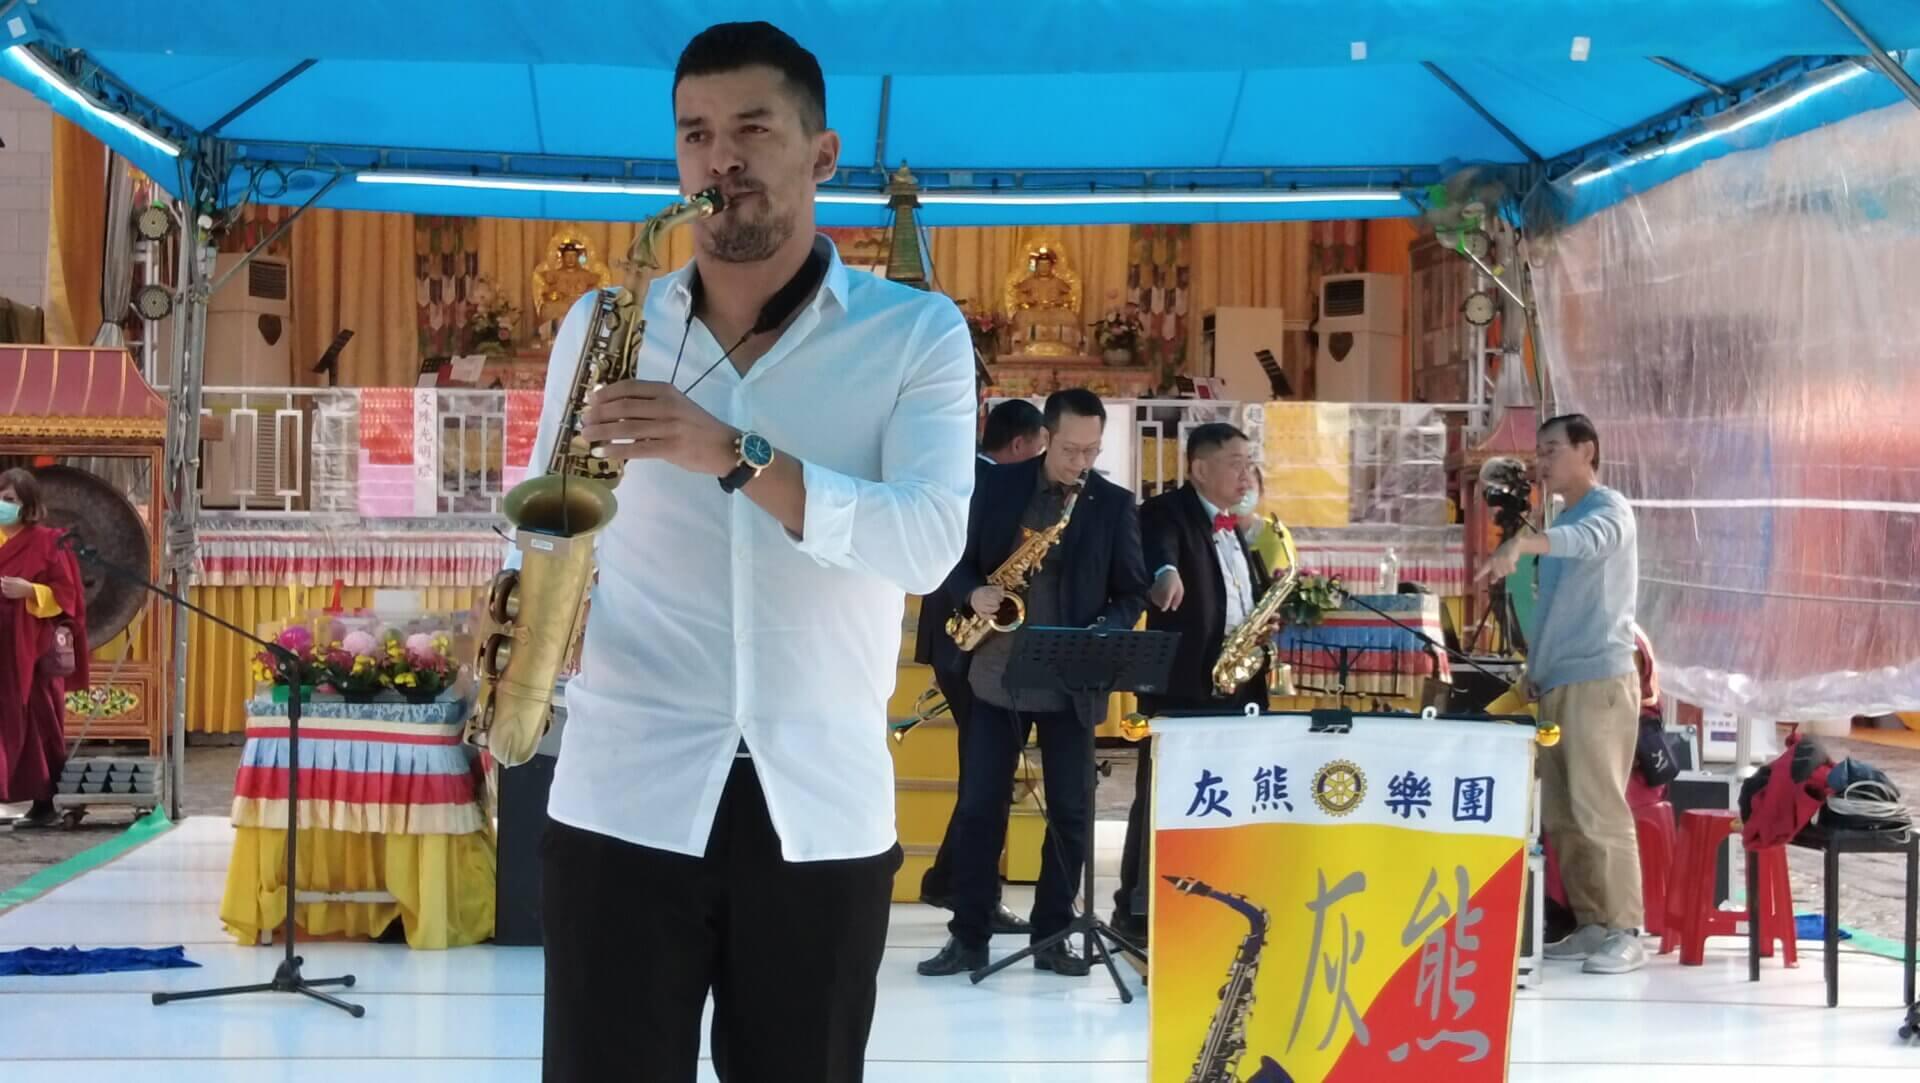 行動佛殿112站台北市政府,台北灰熊樂團-巴西Diogo Pinheiro公益演出